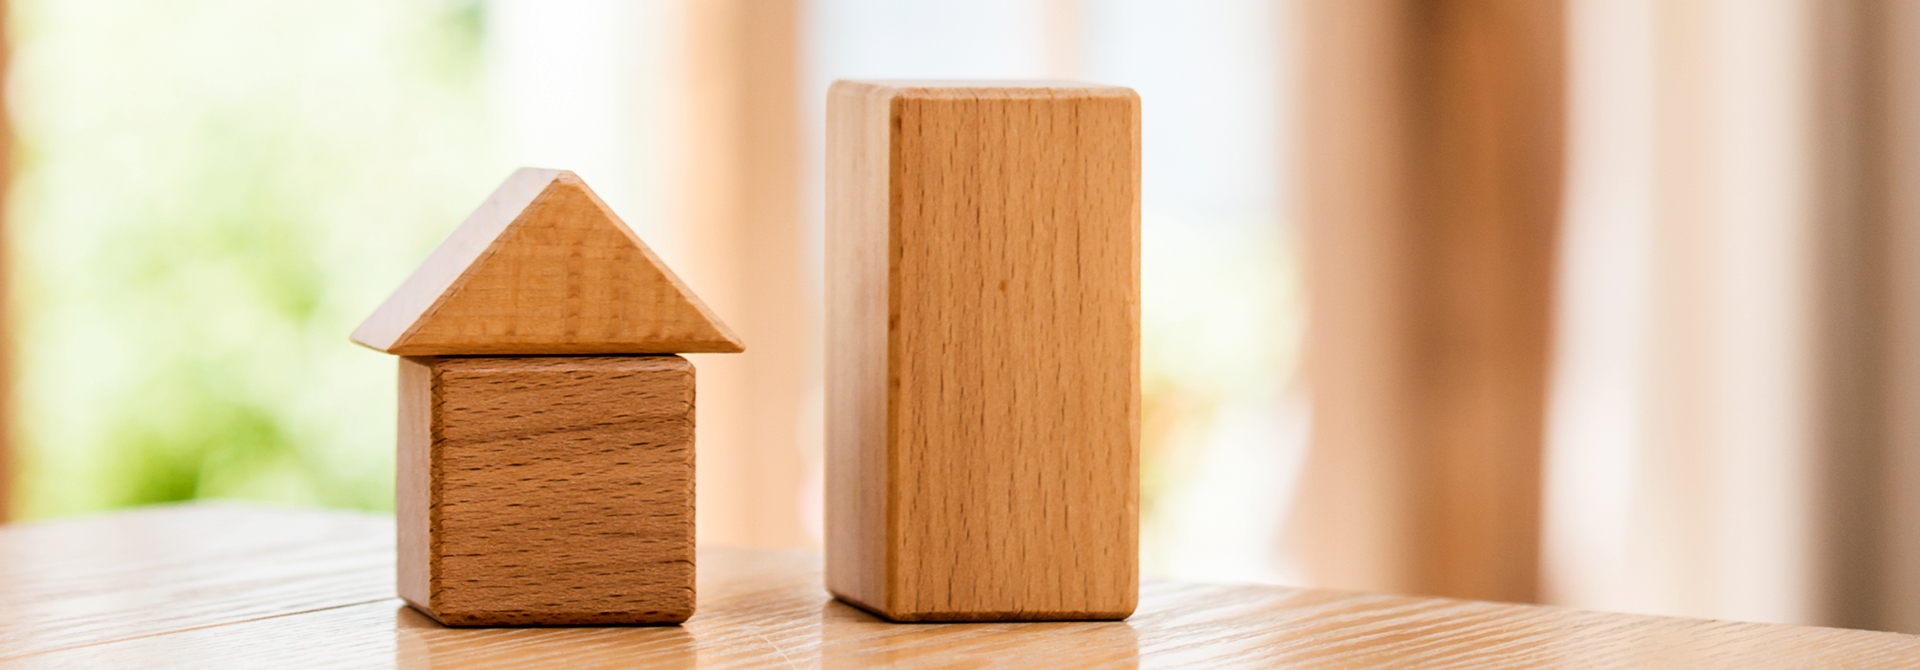 マルキ木工所の木工製品。